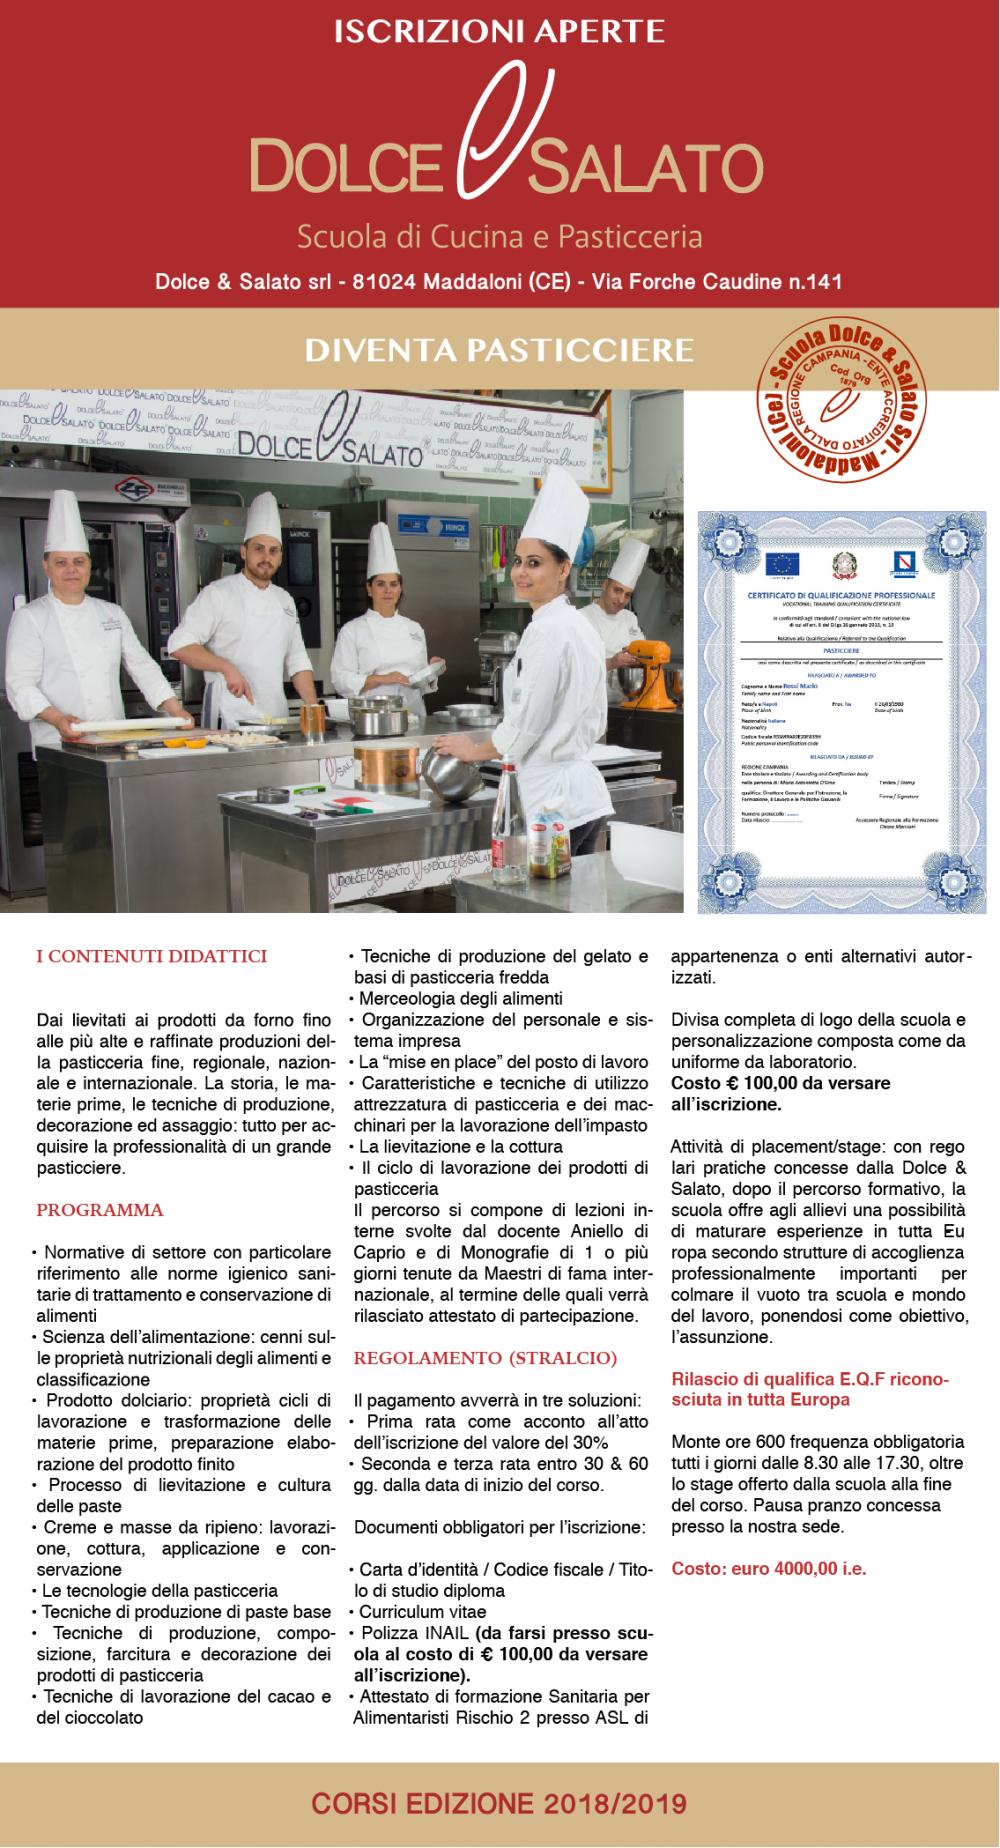 Dolce & Salato - Pasticciere